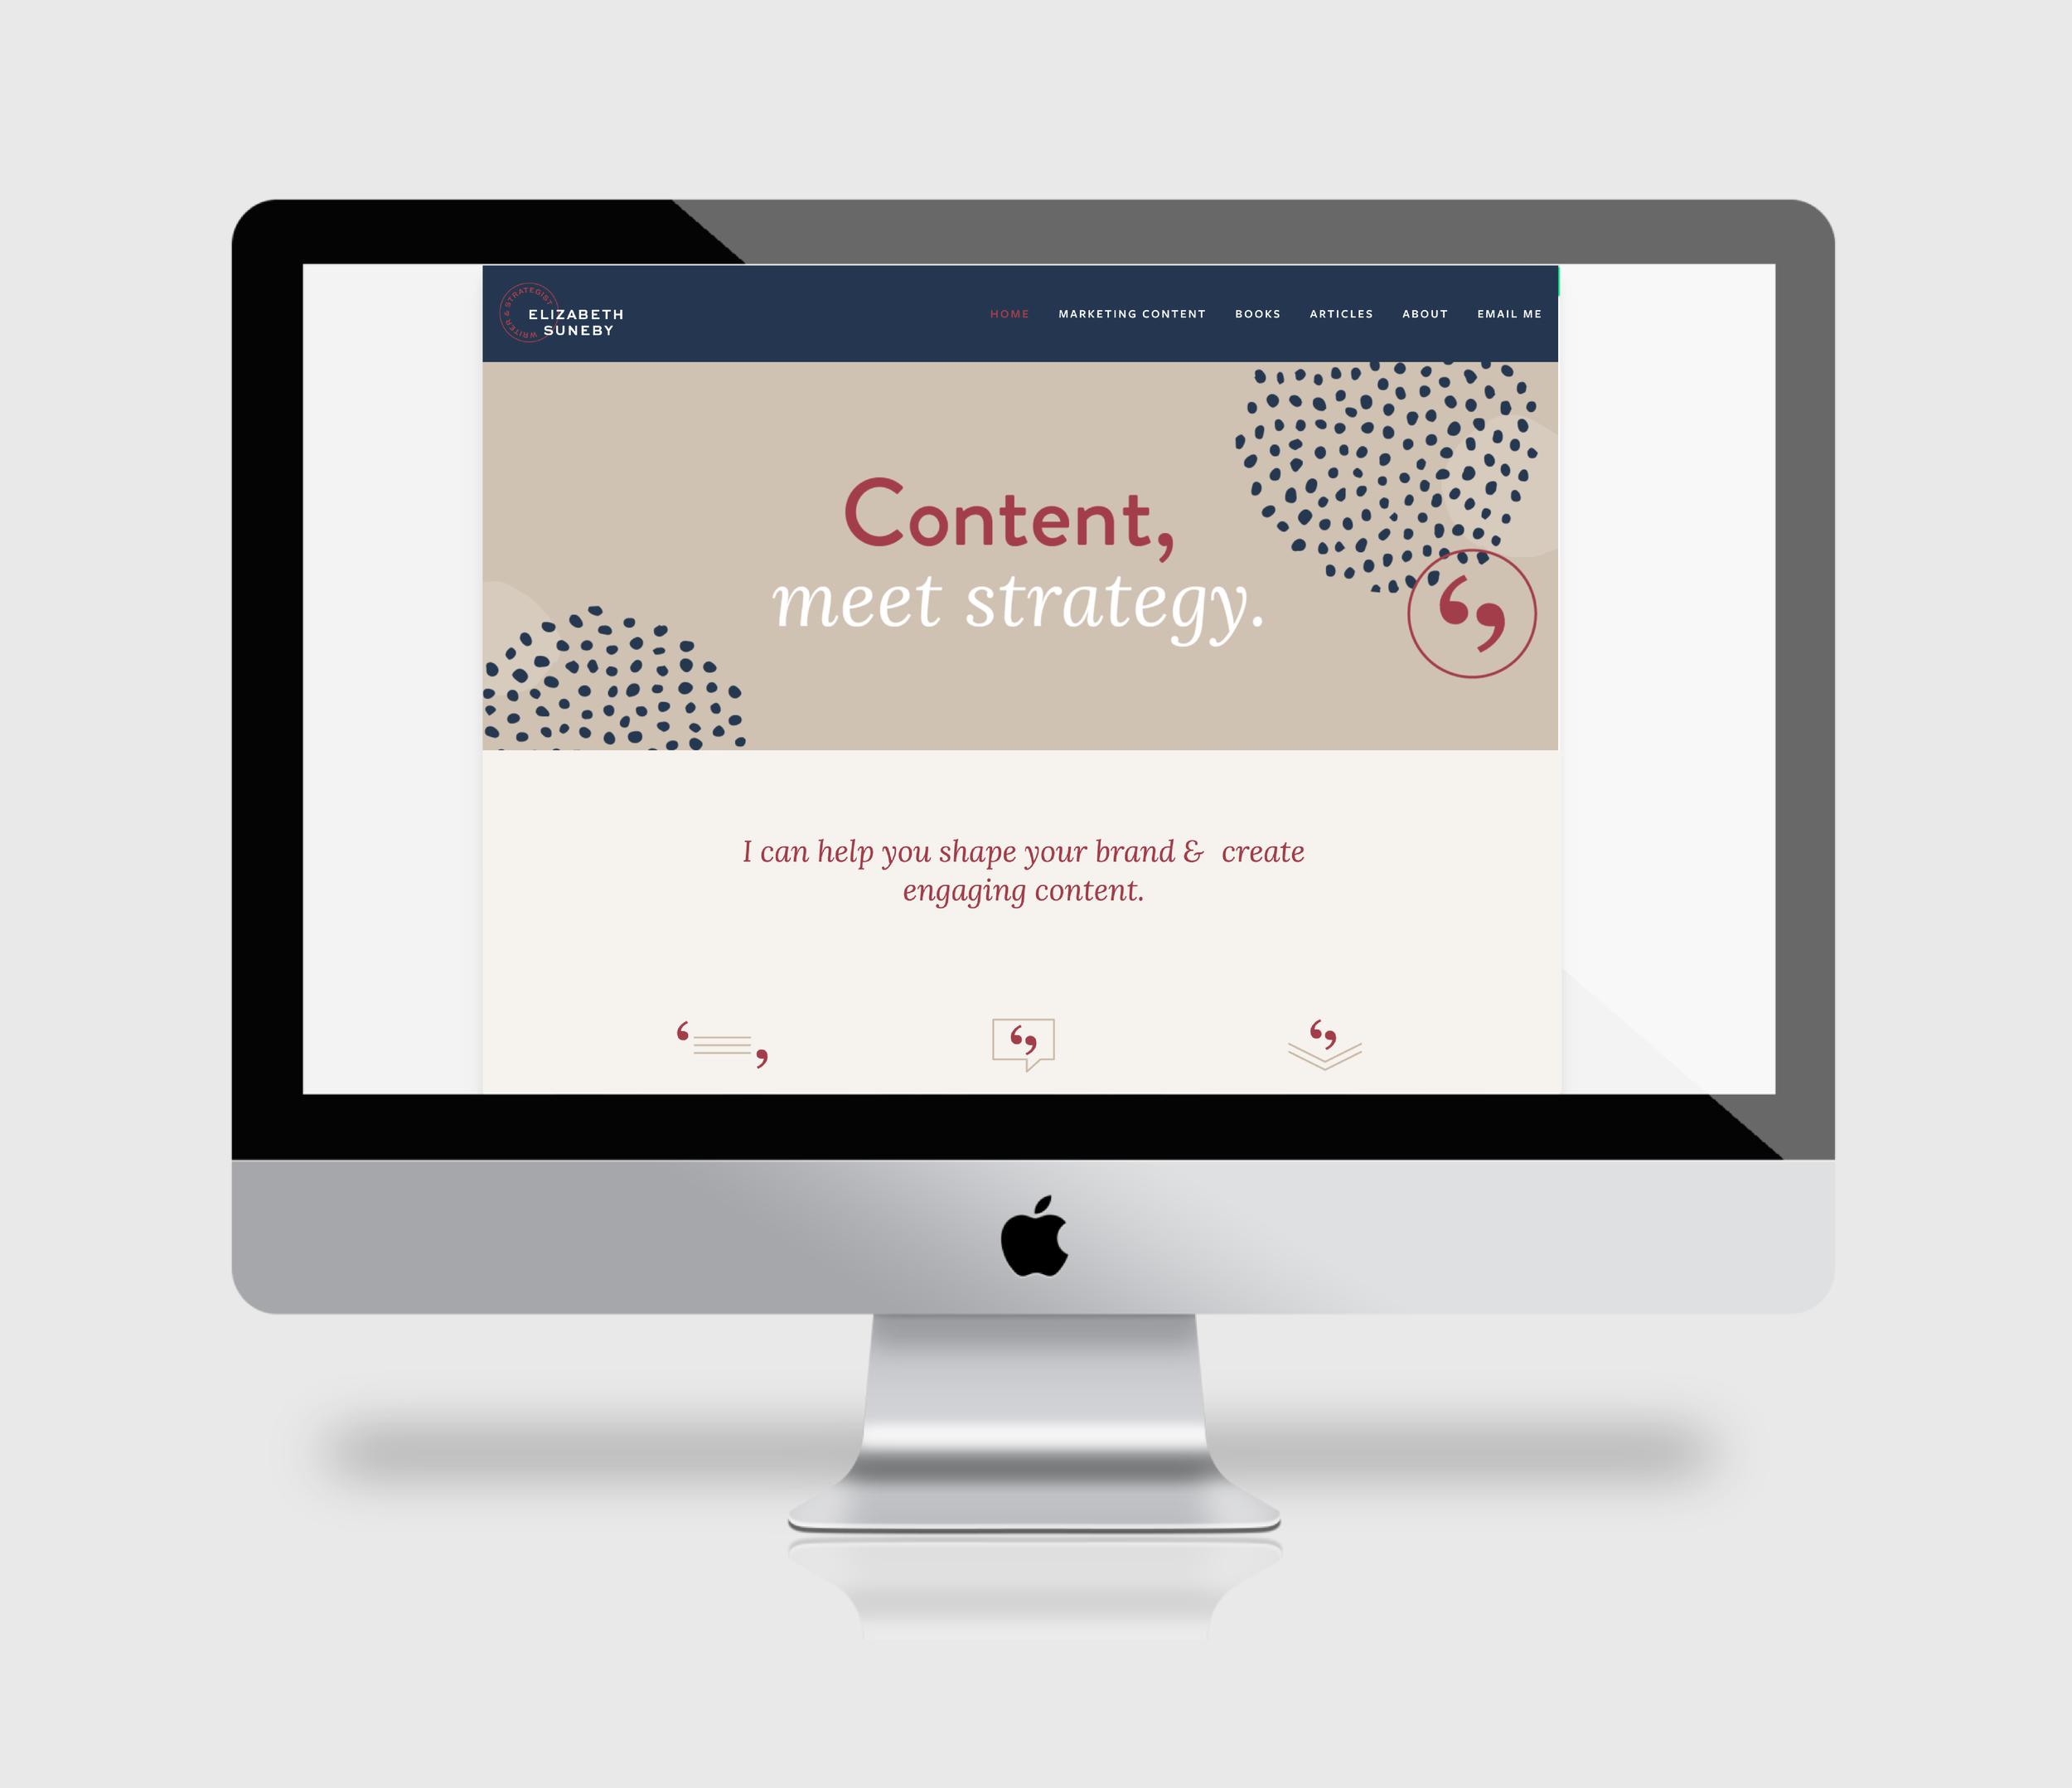 Rose&Co_Website-ElizabethSuneby-17.png